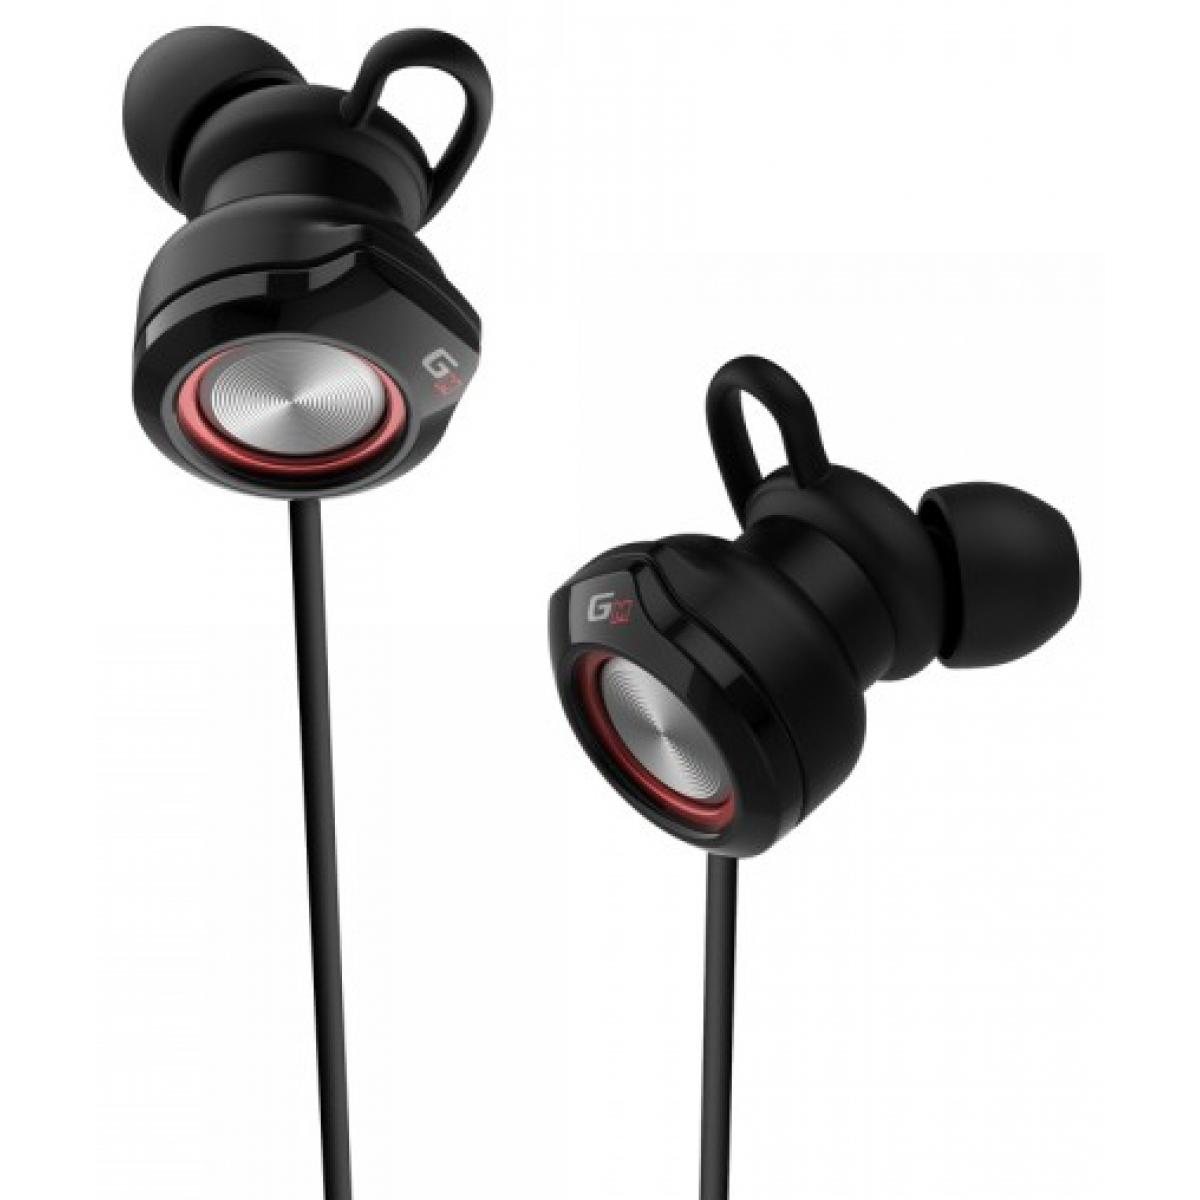 Fone de Ouvido Edifier GM3SE, C/ Microfone P2, Black-Red, GM3SE-BKRD